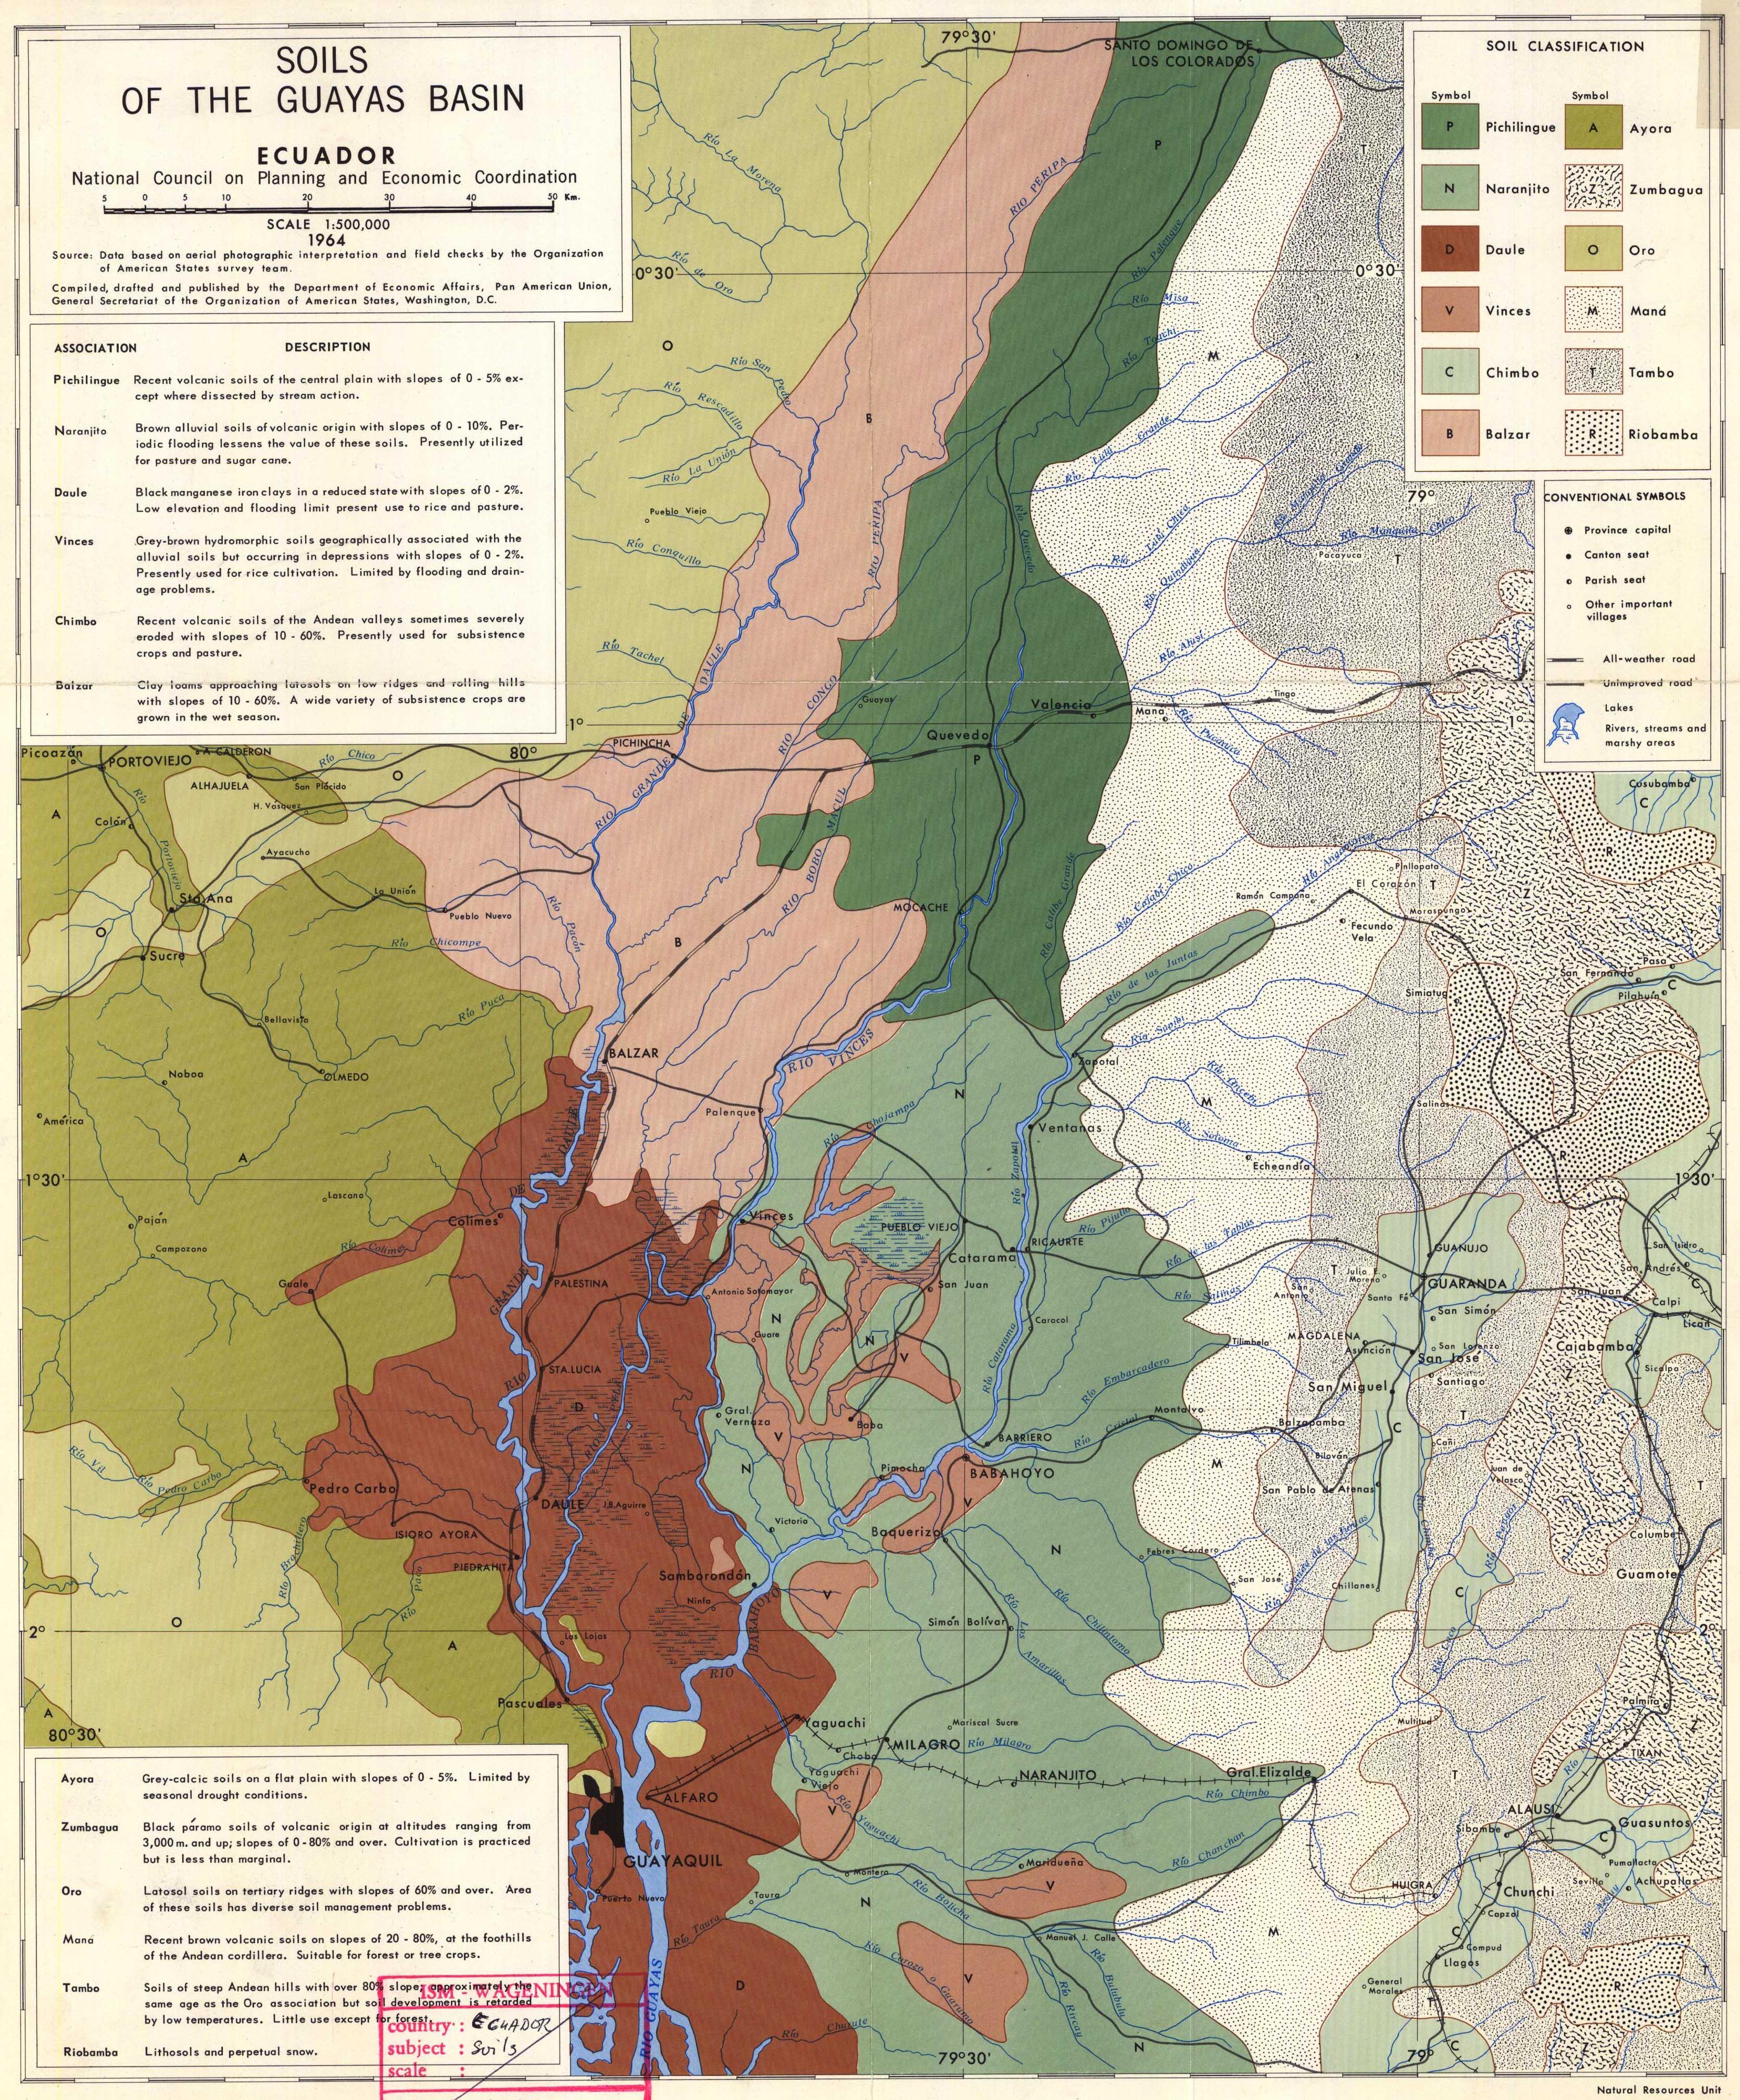 Los suelos de la cuenca del Guayas 1964